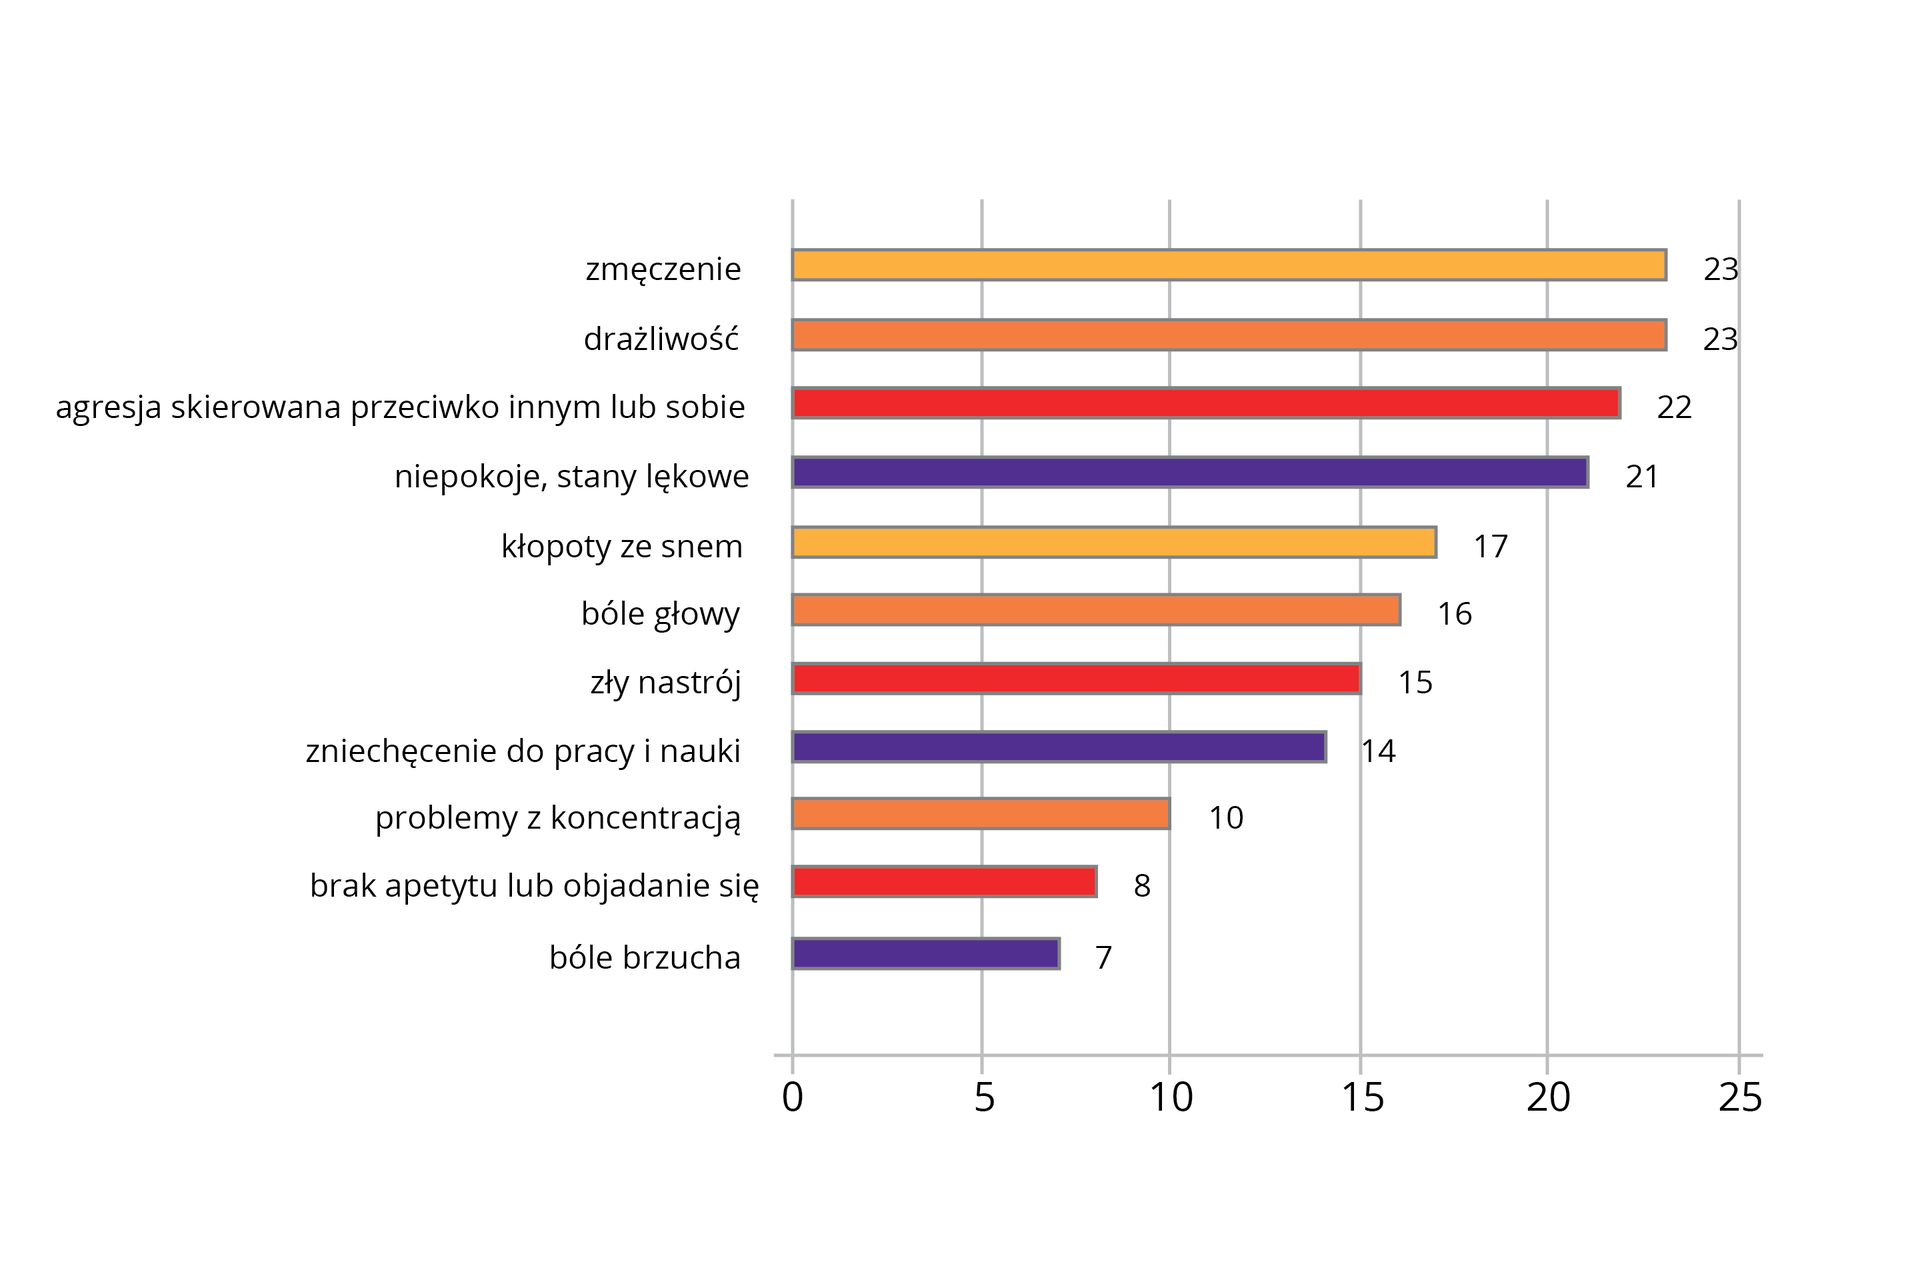 Kolorowy diagram słupkowy poziomy ilustruje objawy stresu, podawane przez grupę dwudziestu pięciu ludzi. Najwięcej znich jako objawy podawało zmęczenie, drażliwość iagresję (przeciwko sobie lub innym). Najmniej badanych jako objaw stresu wskazało bóle brzucha, brak apetytu lub objadanie się.